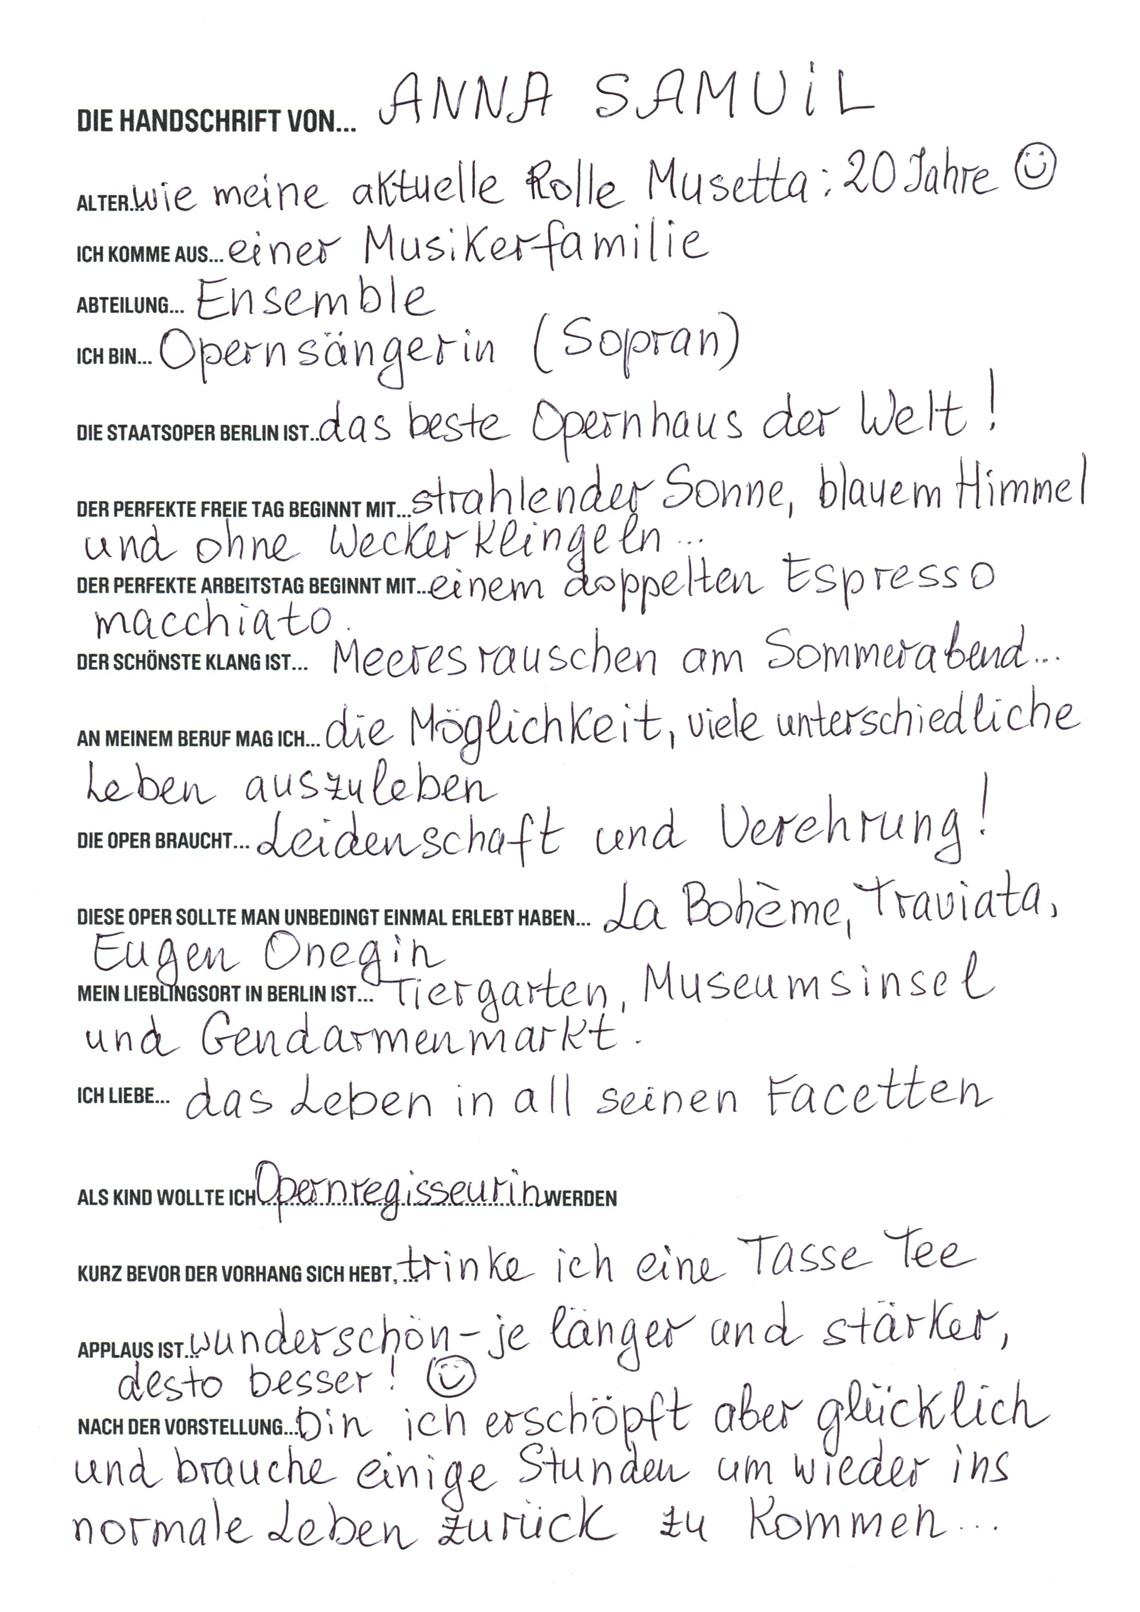 Die Handschrift von... Anna Samuil